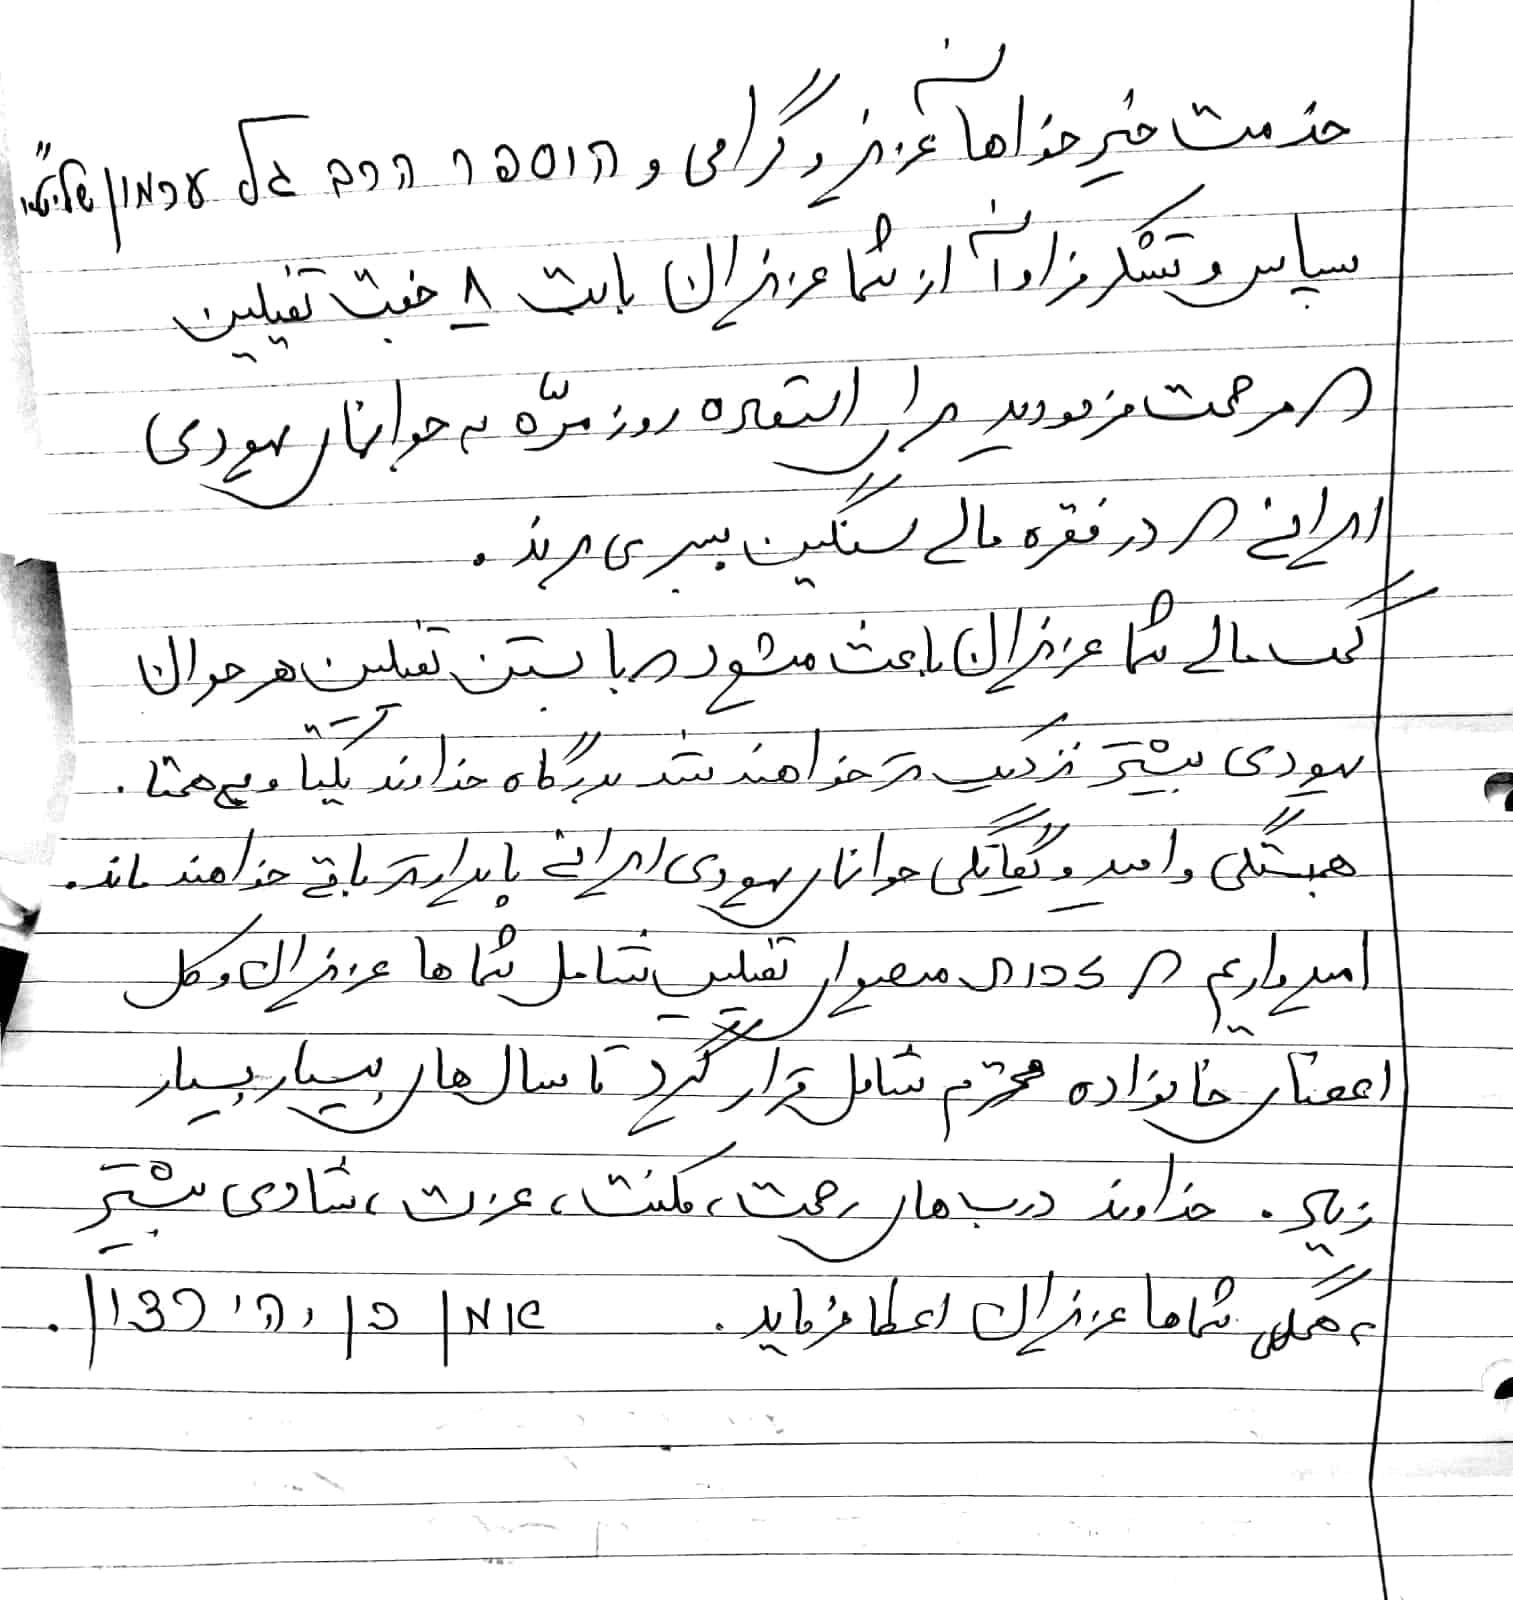 מכתב תודה על מסירת תפילין לנערים נזקקים באיראן